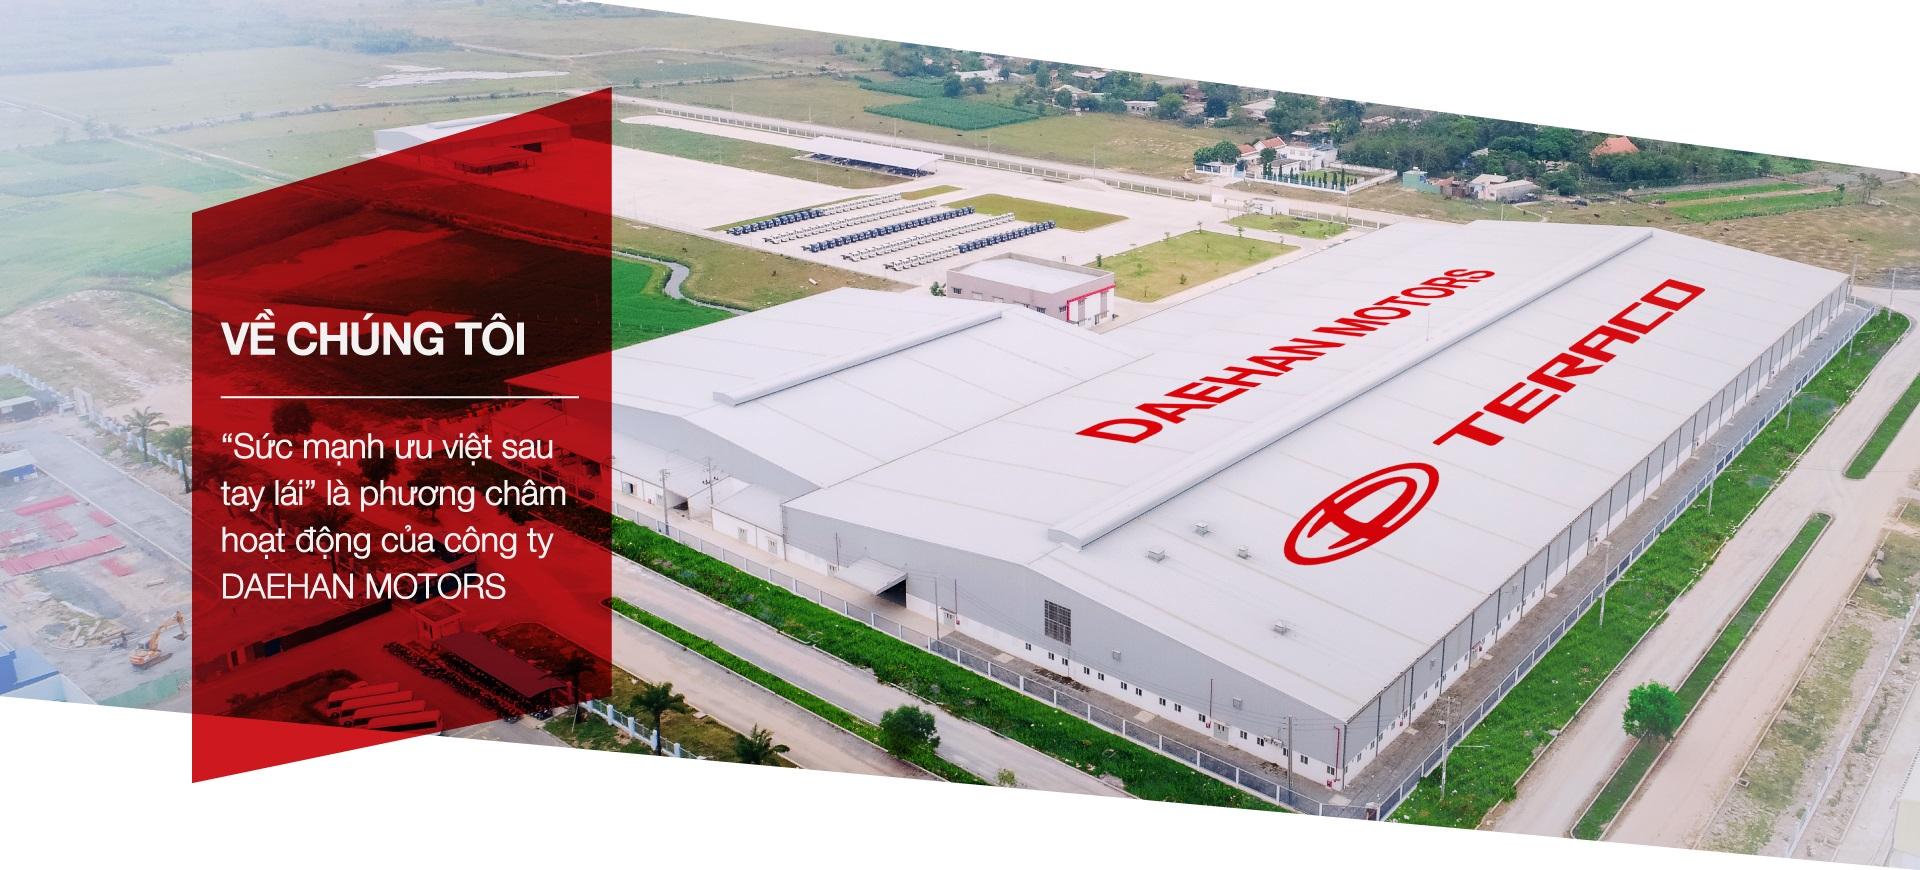 Việc làm đang tuyển dụng tại Công Ty TNHH Daehan Motors